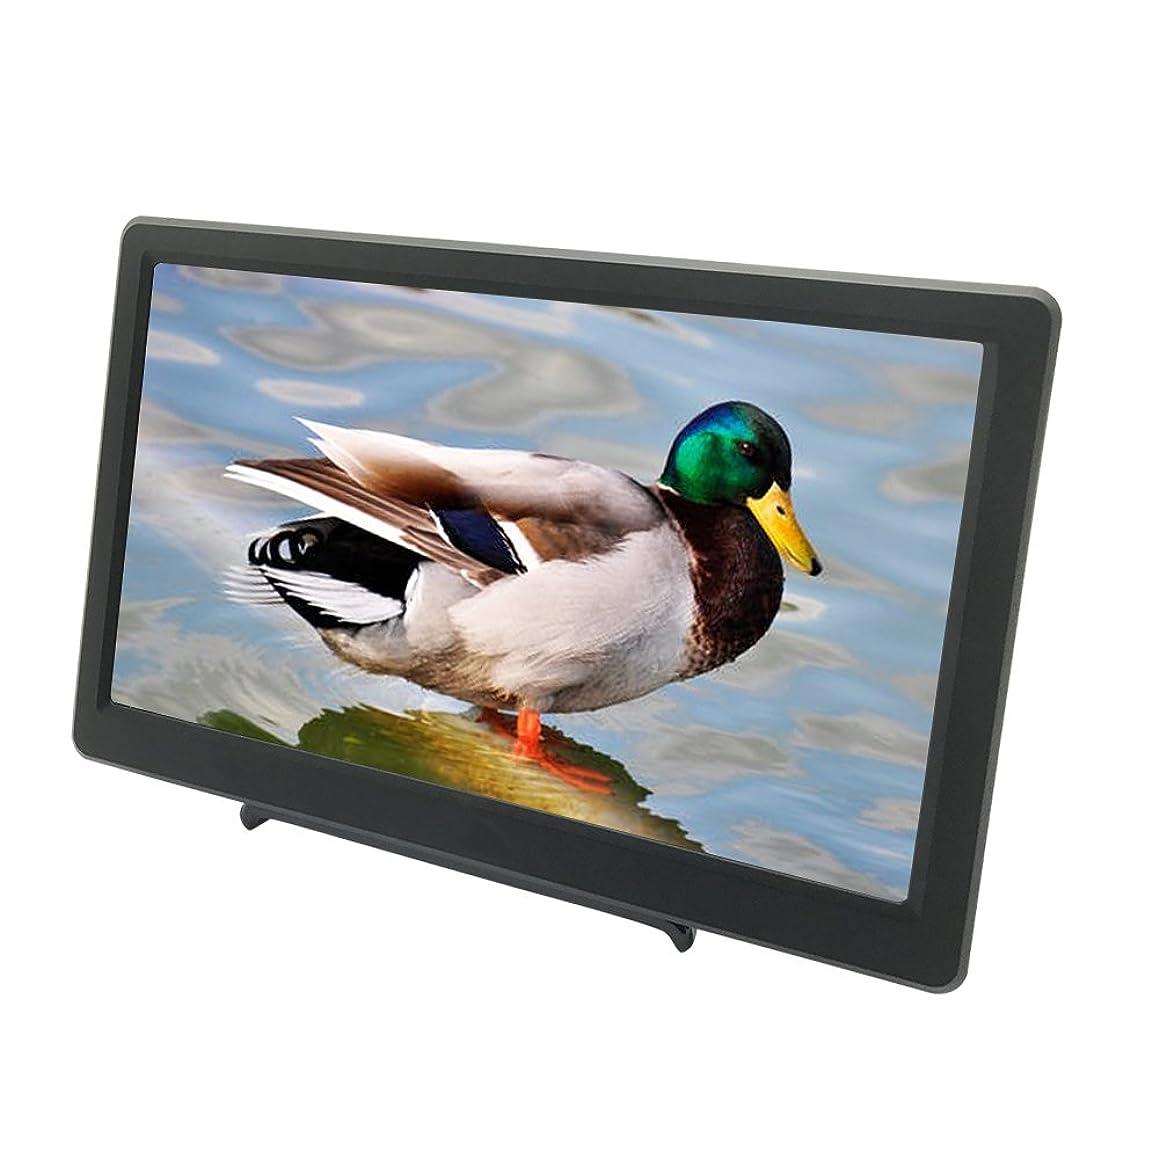 トライアスロン温度計代わりにを立てるB Baosity 10.1インチ LCDスクリーン HD 1920x1080 Pビデオ オーディオ HDMIモニター スクリーン カメラ用